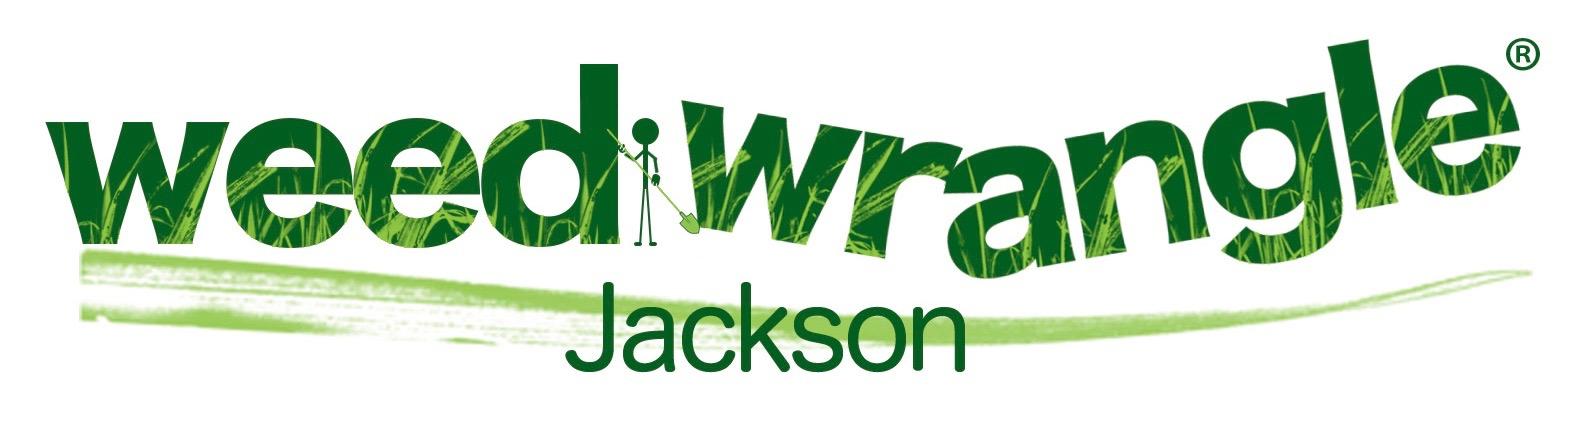 ww-jackson